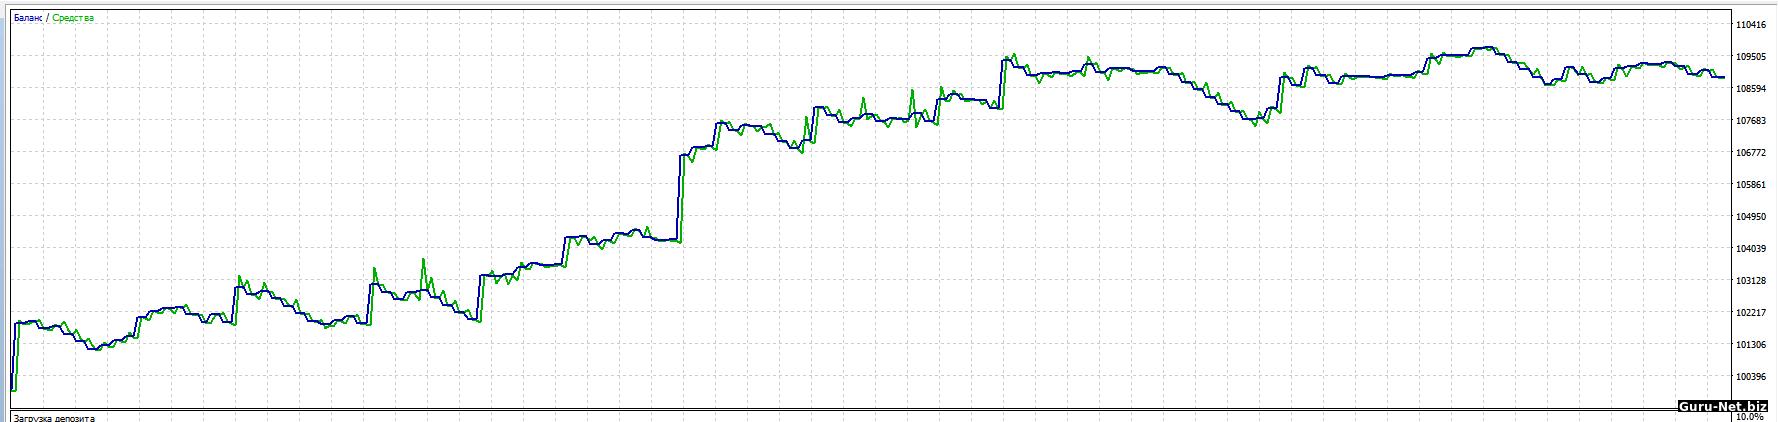 Способ торговли по обвесам forex валютные ограничения и валютный контроль